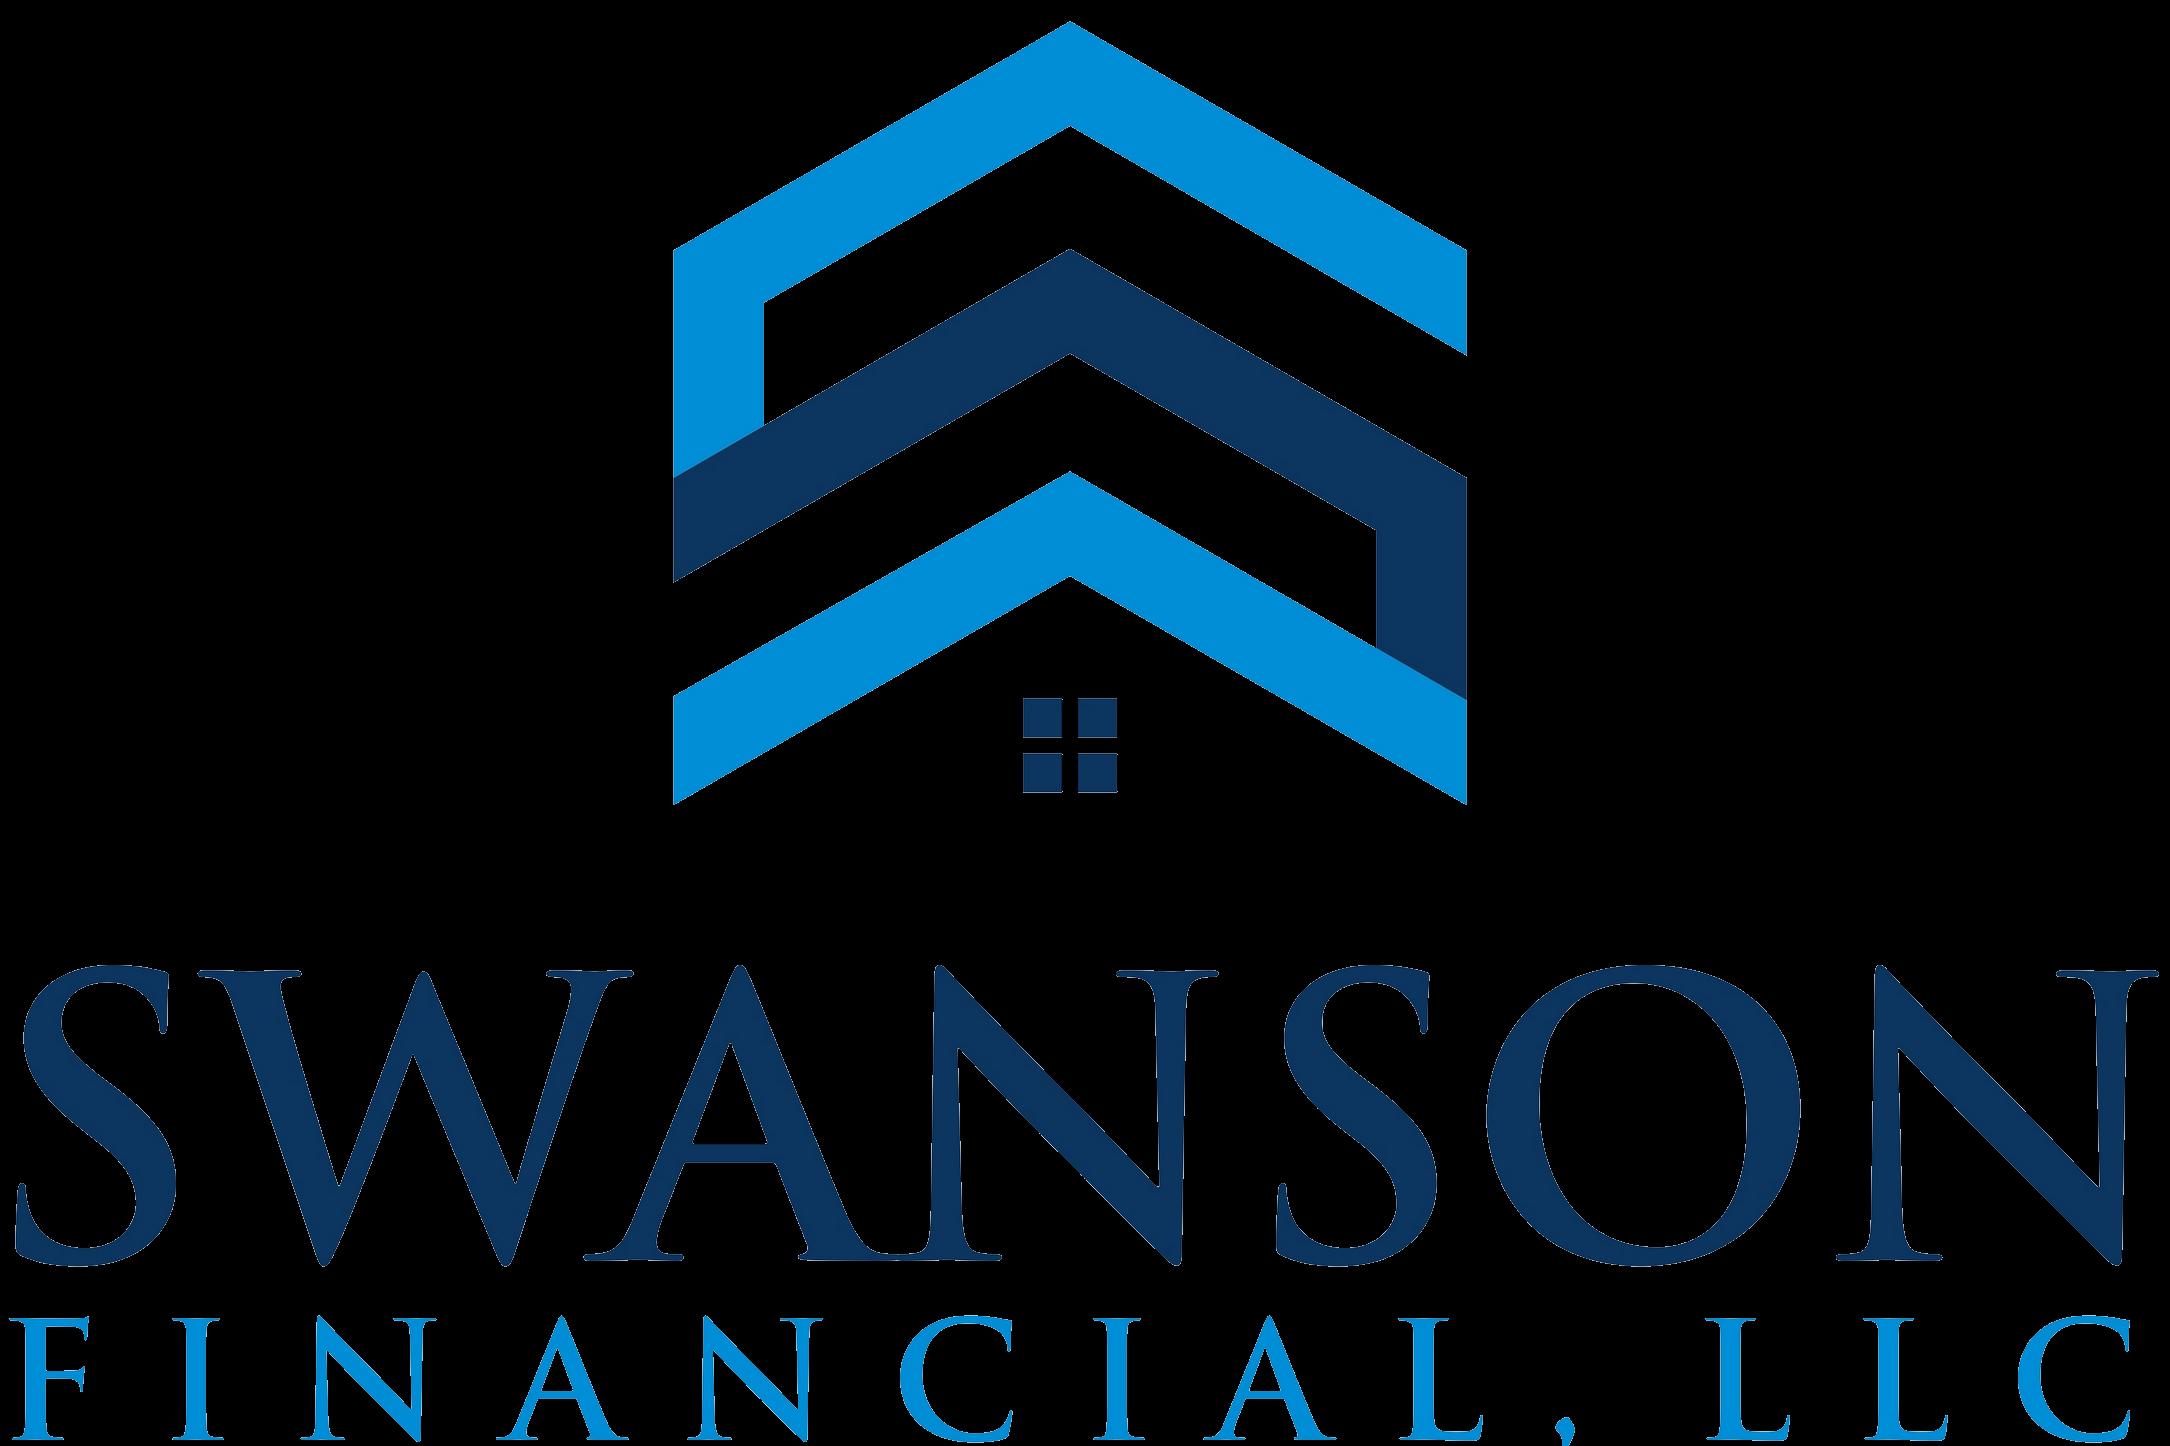 Swanson Financial, LLC